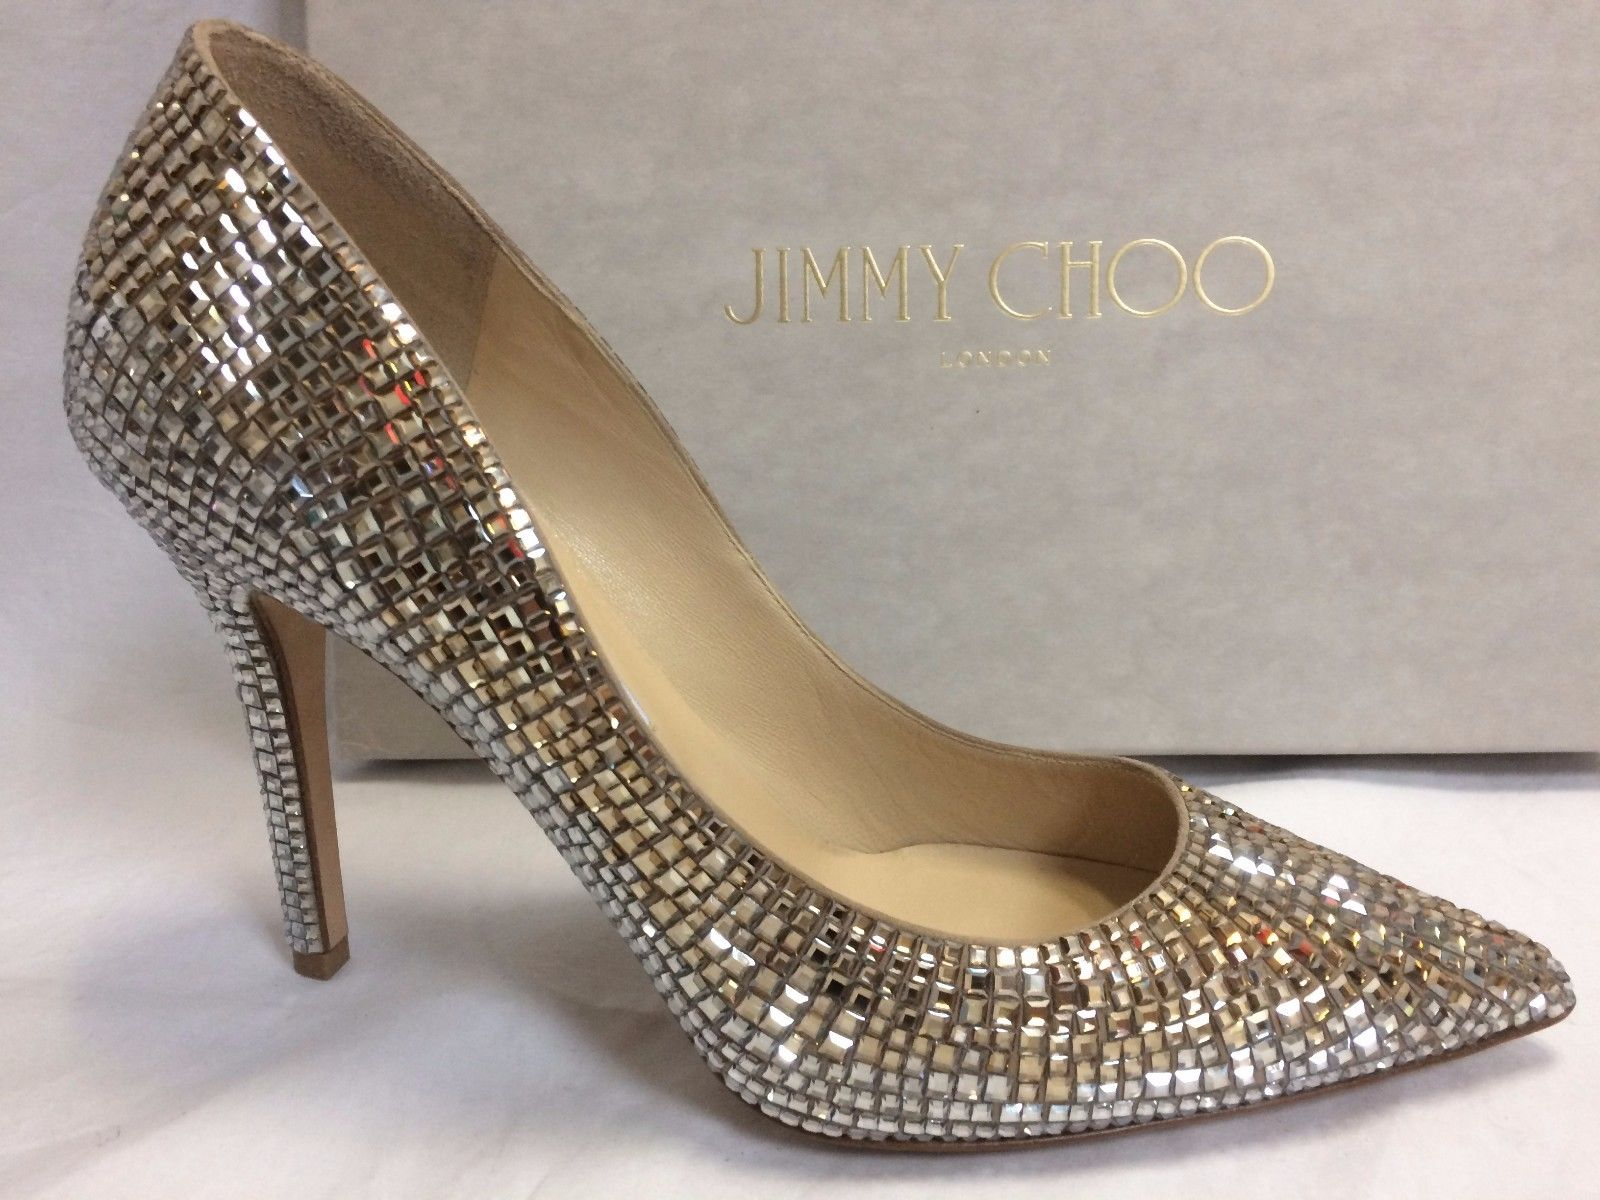 JIMMY CHOO - Abel 100 snakeskin talons courts : Chaussure Fashion